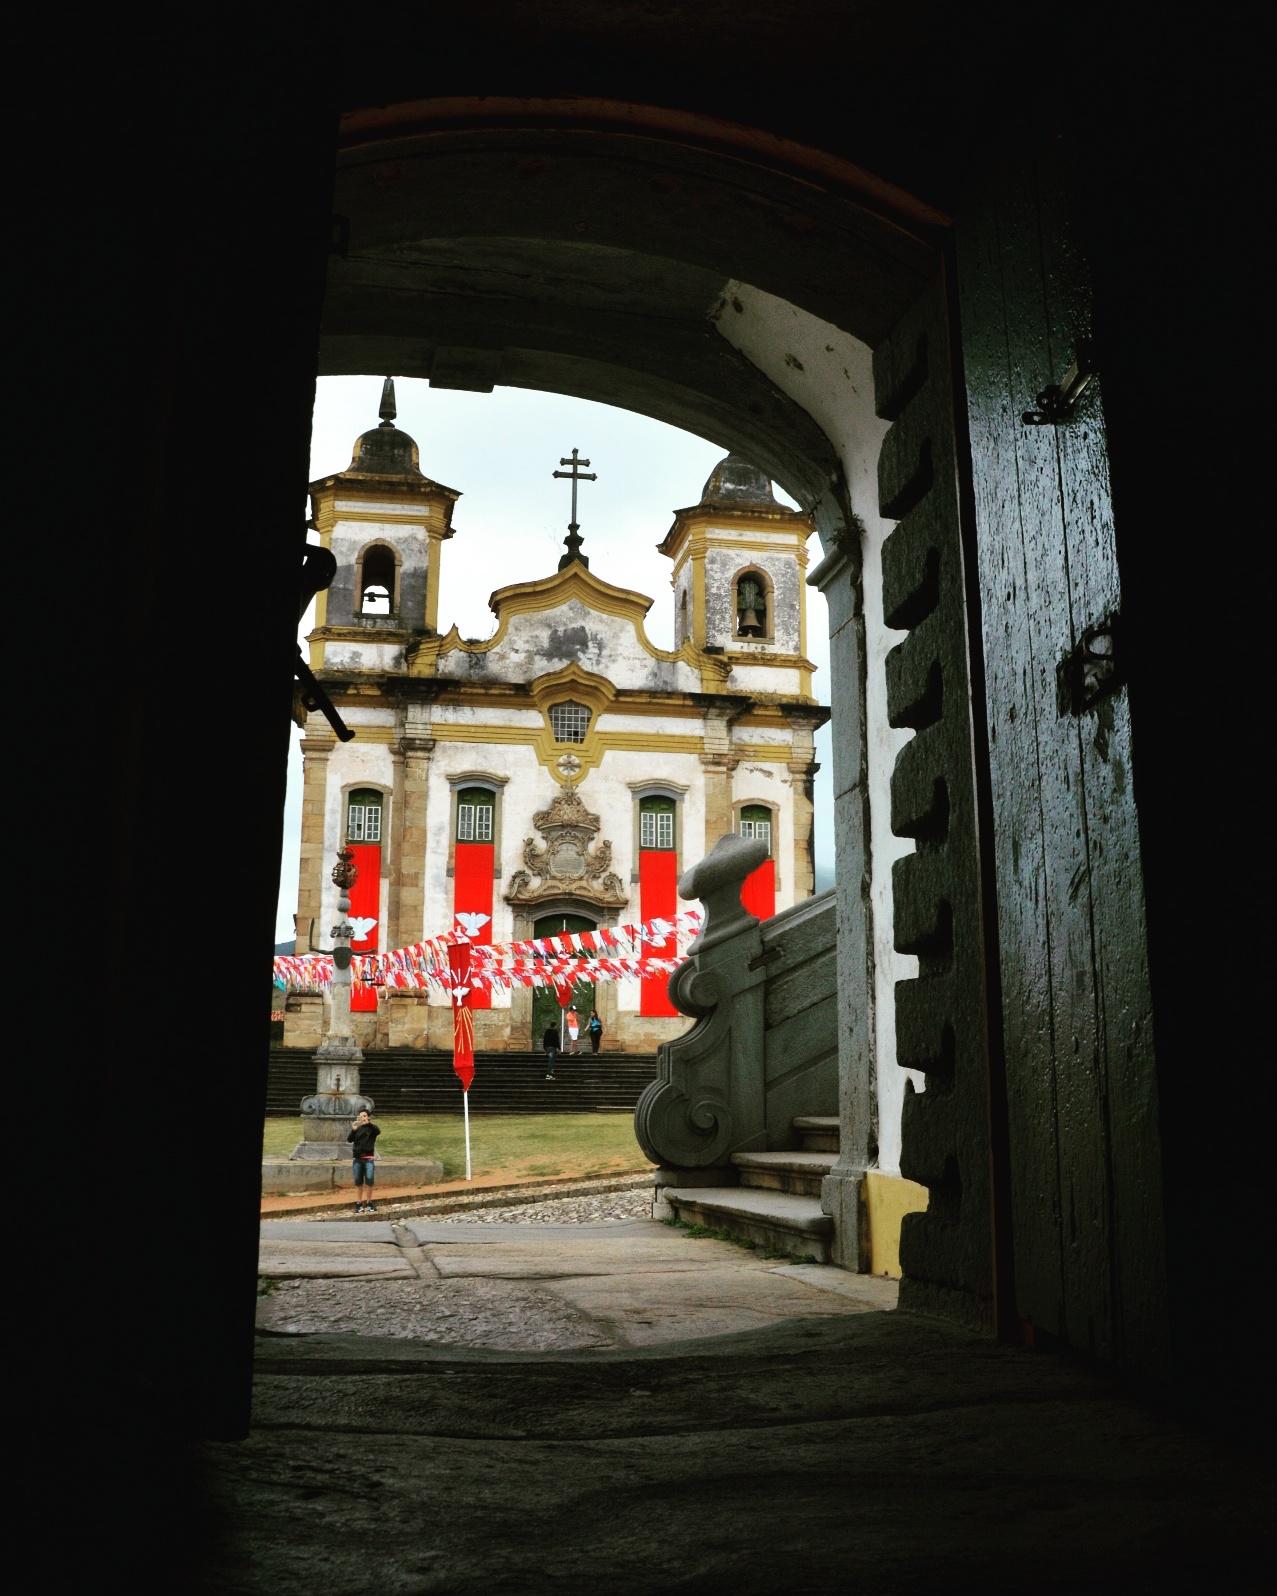 Igreja São Francisco de Assis Vista de Dentro da Antiga Cadeia, Mariana - MG, by Luciana de Paula, 2016